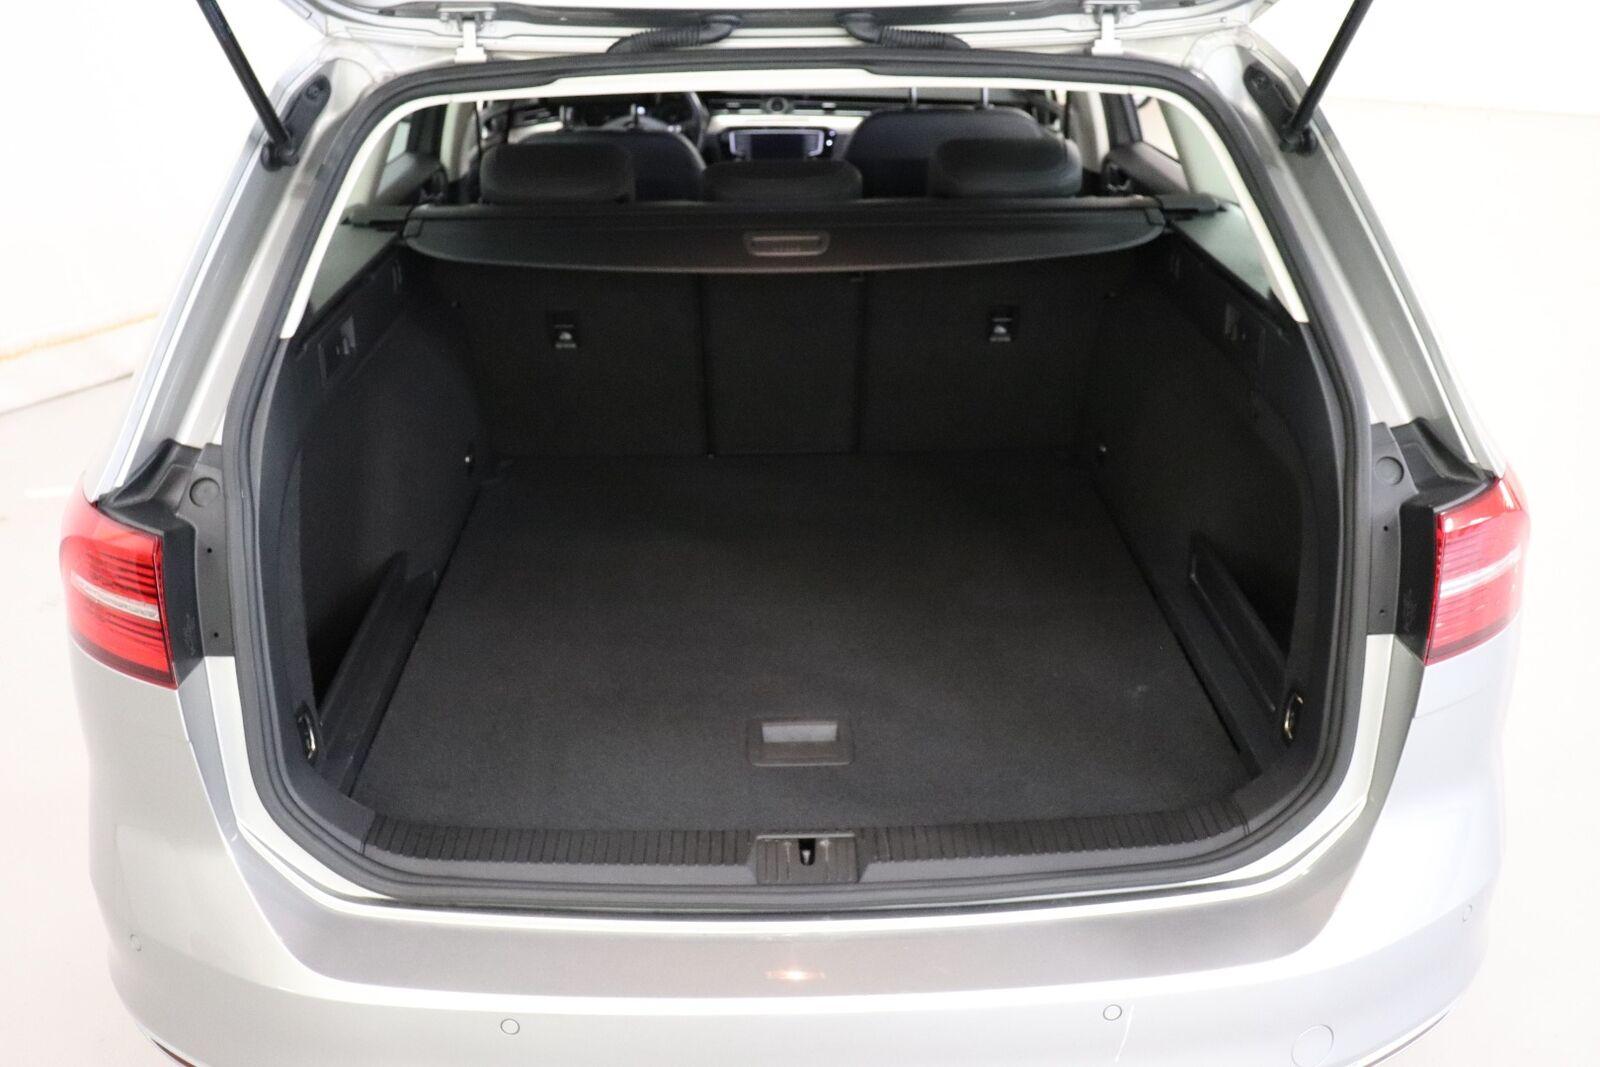 VW Passat 2,0 TDi 150 Highline Variant DSG